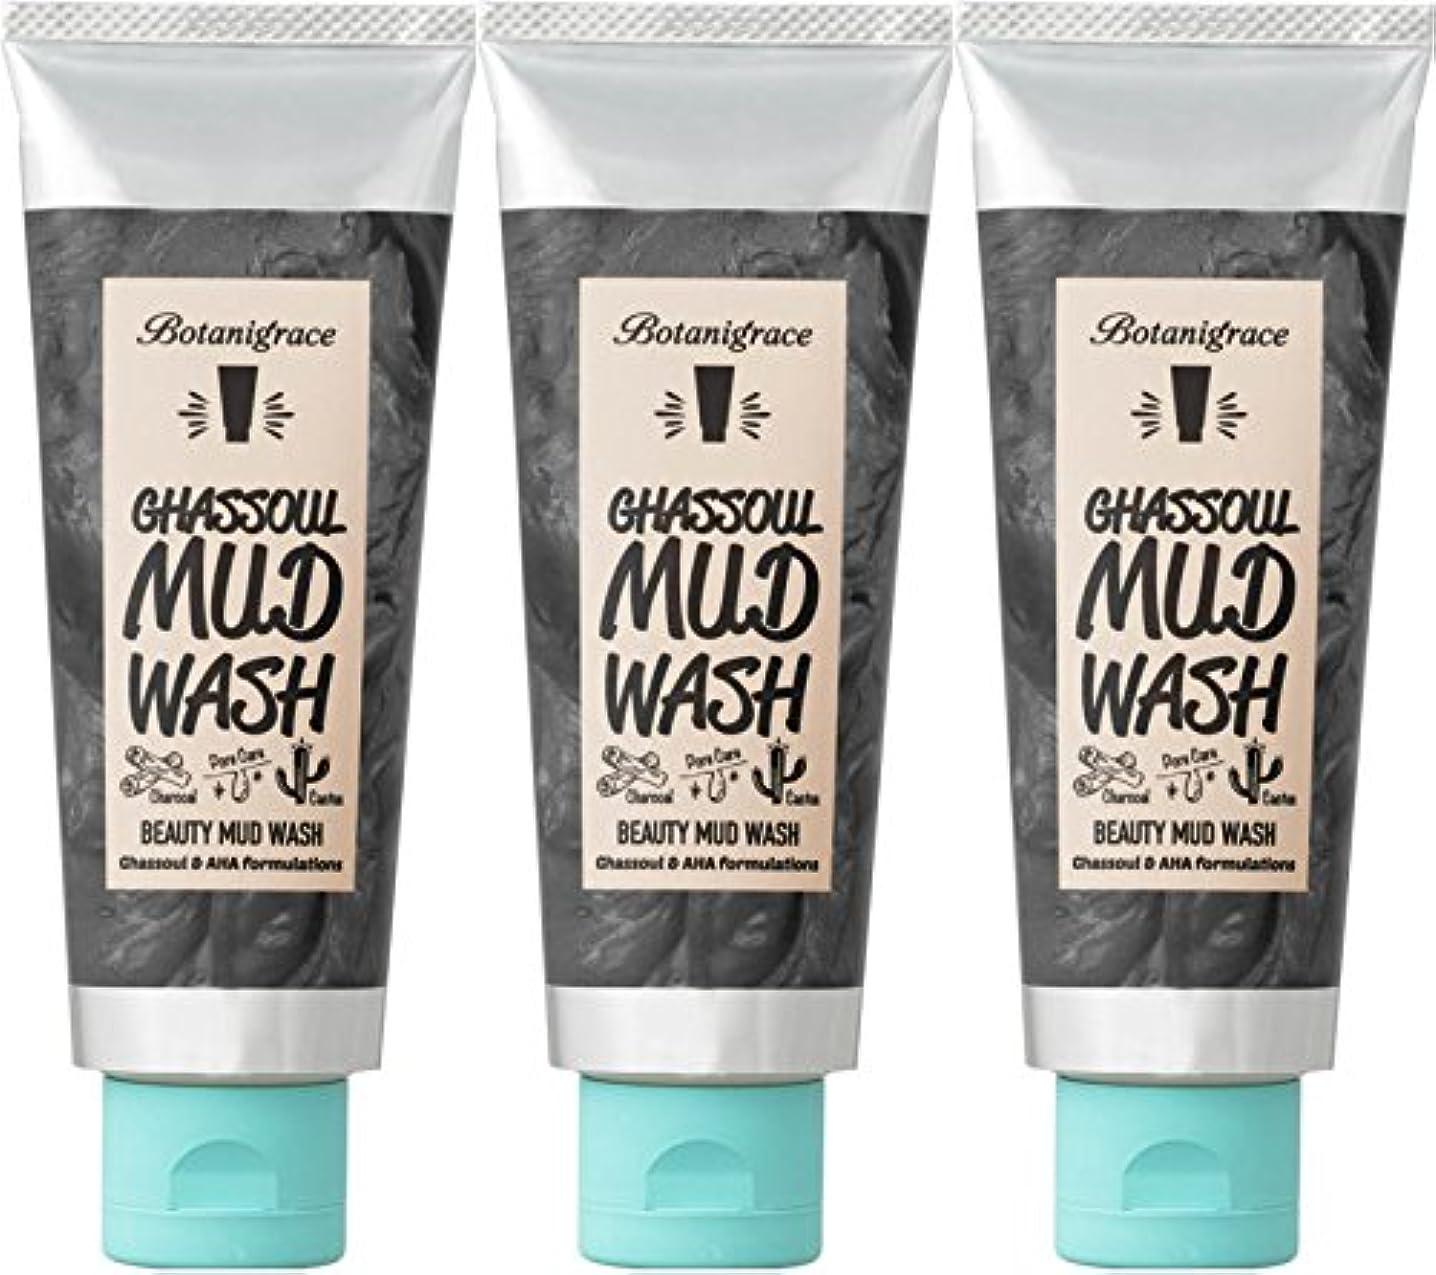 あらゆる種類のソーセージサラミ【3個セット】Botanigrace(ボタニグレース)ガスール洗顔フォーム 90g